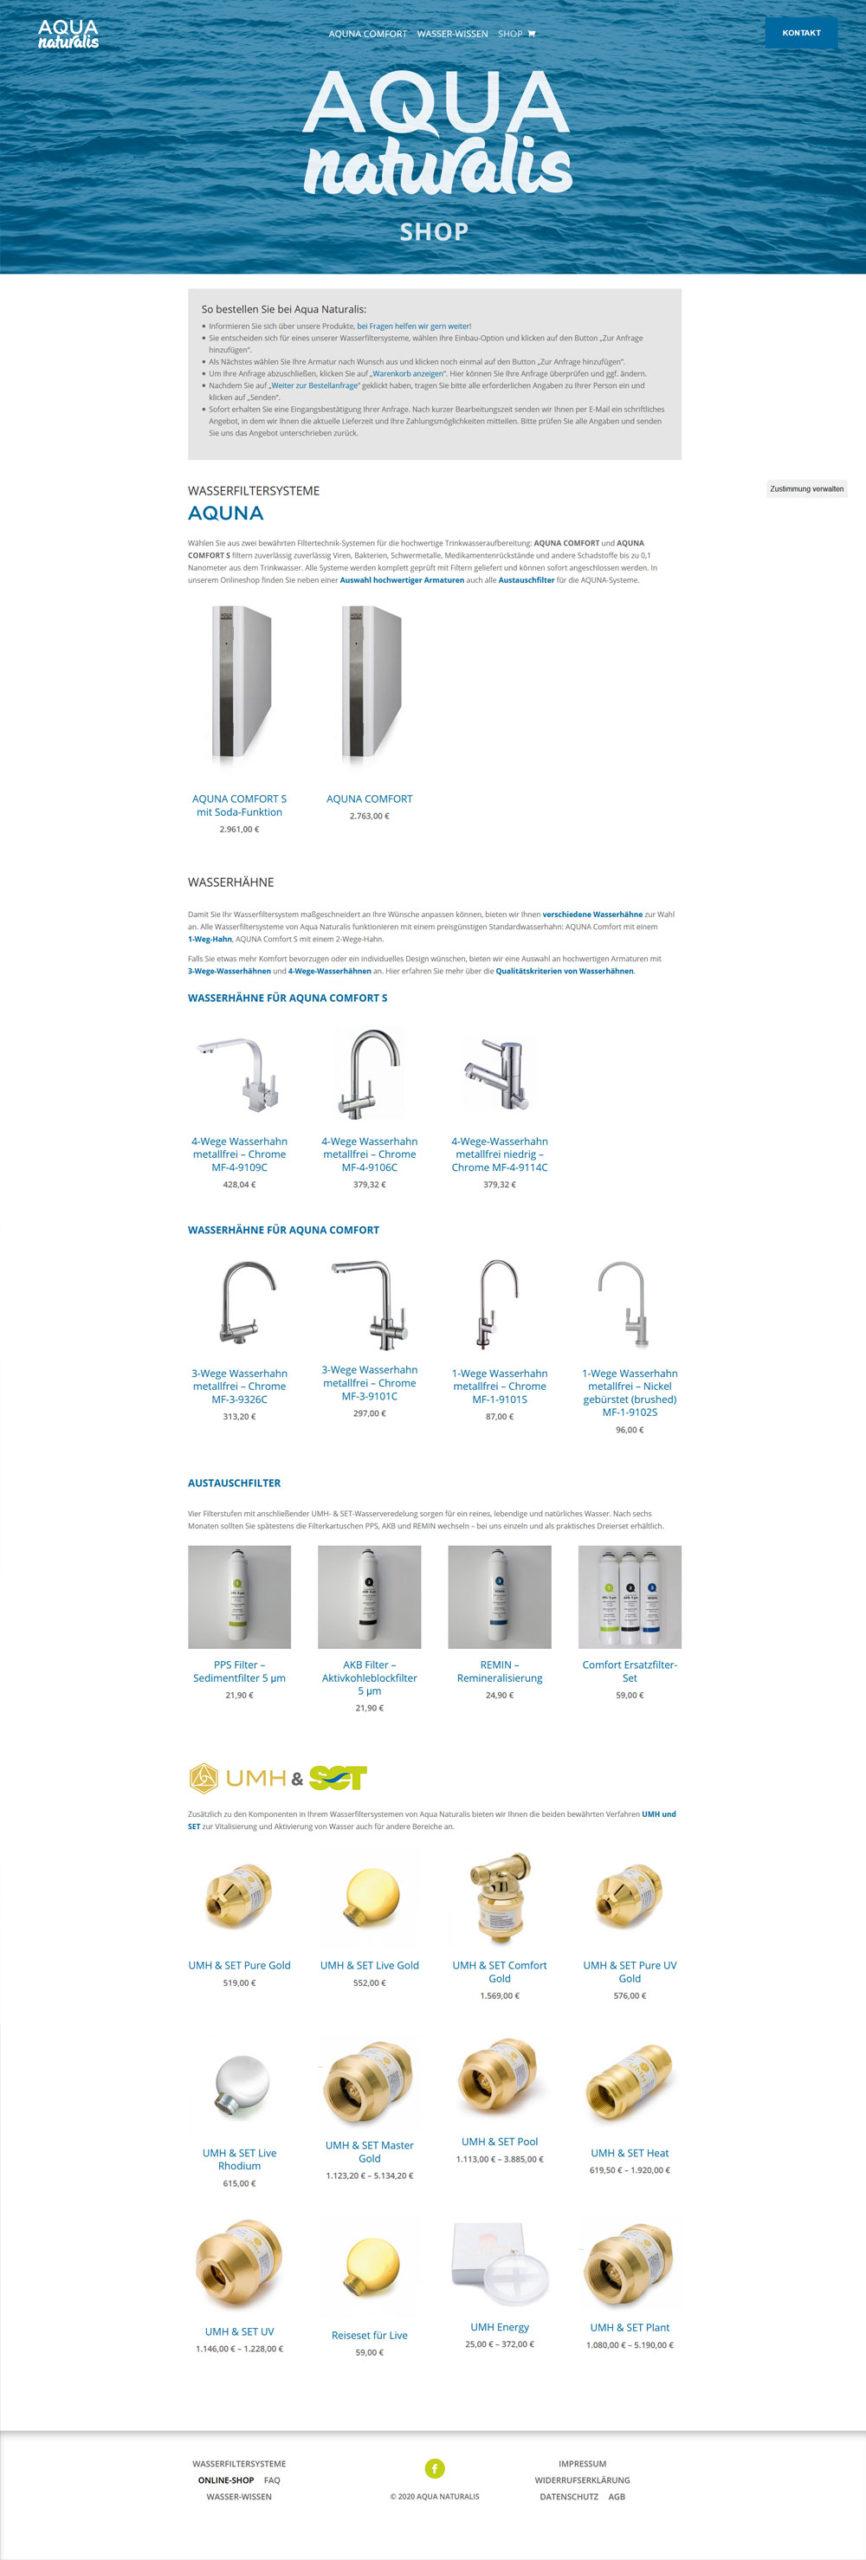 Coporate Identity und Webshop für AQUA NATURALIS FILTERTECHNIK